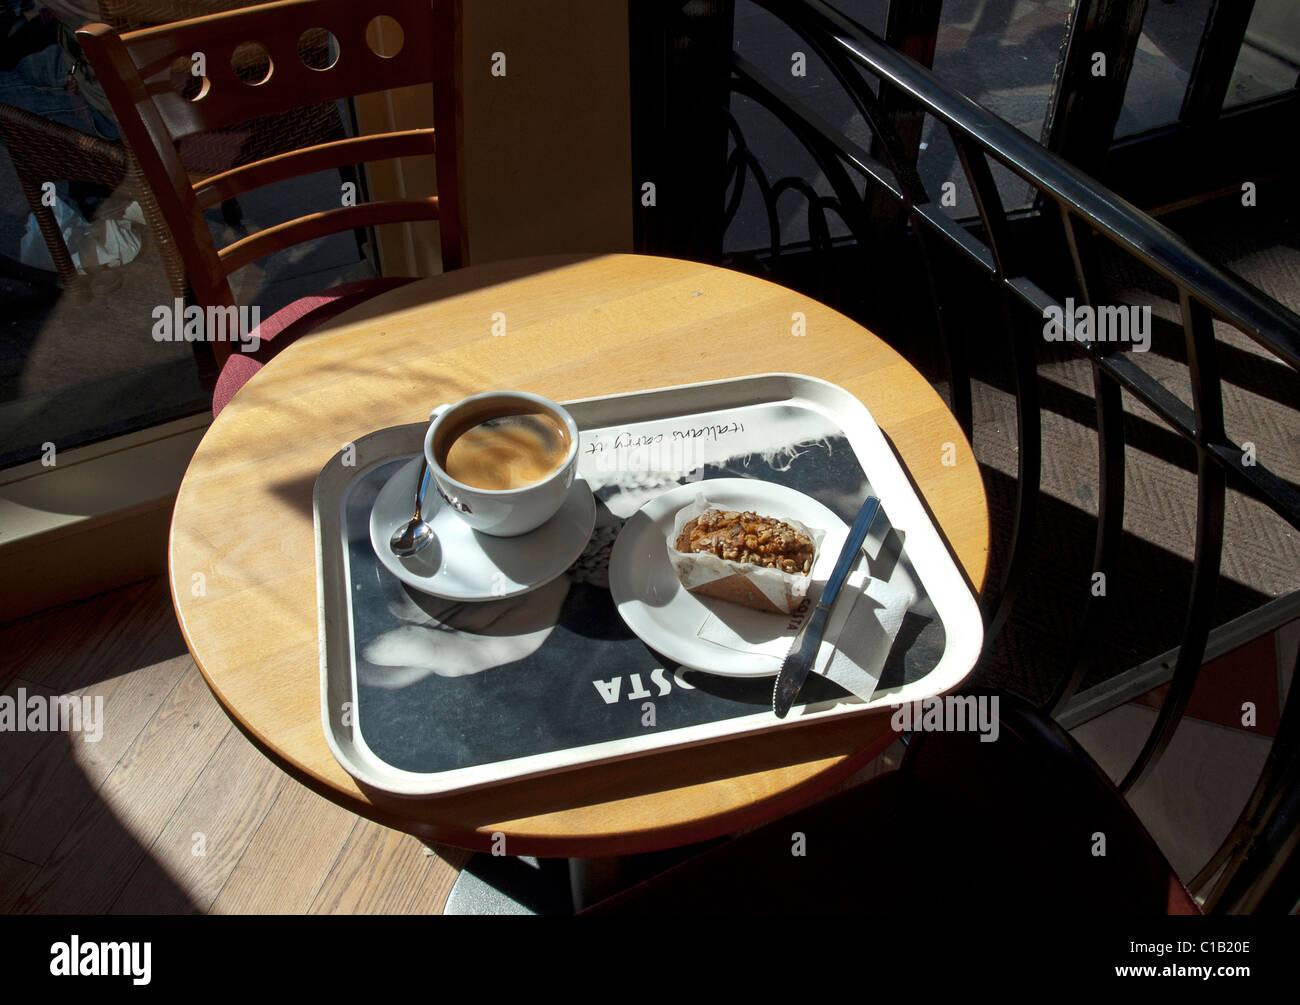 Tazza di caffè e una fetta di torta sul vassoio pronto per essere consumato Immagini Stock